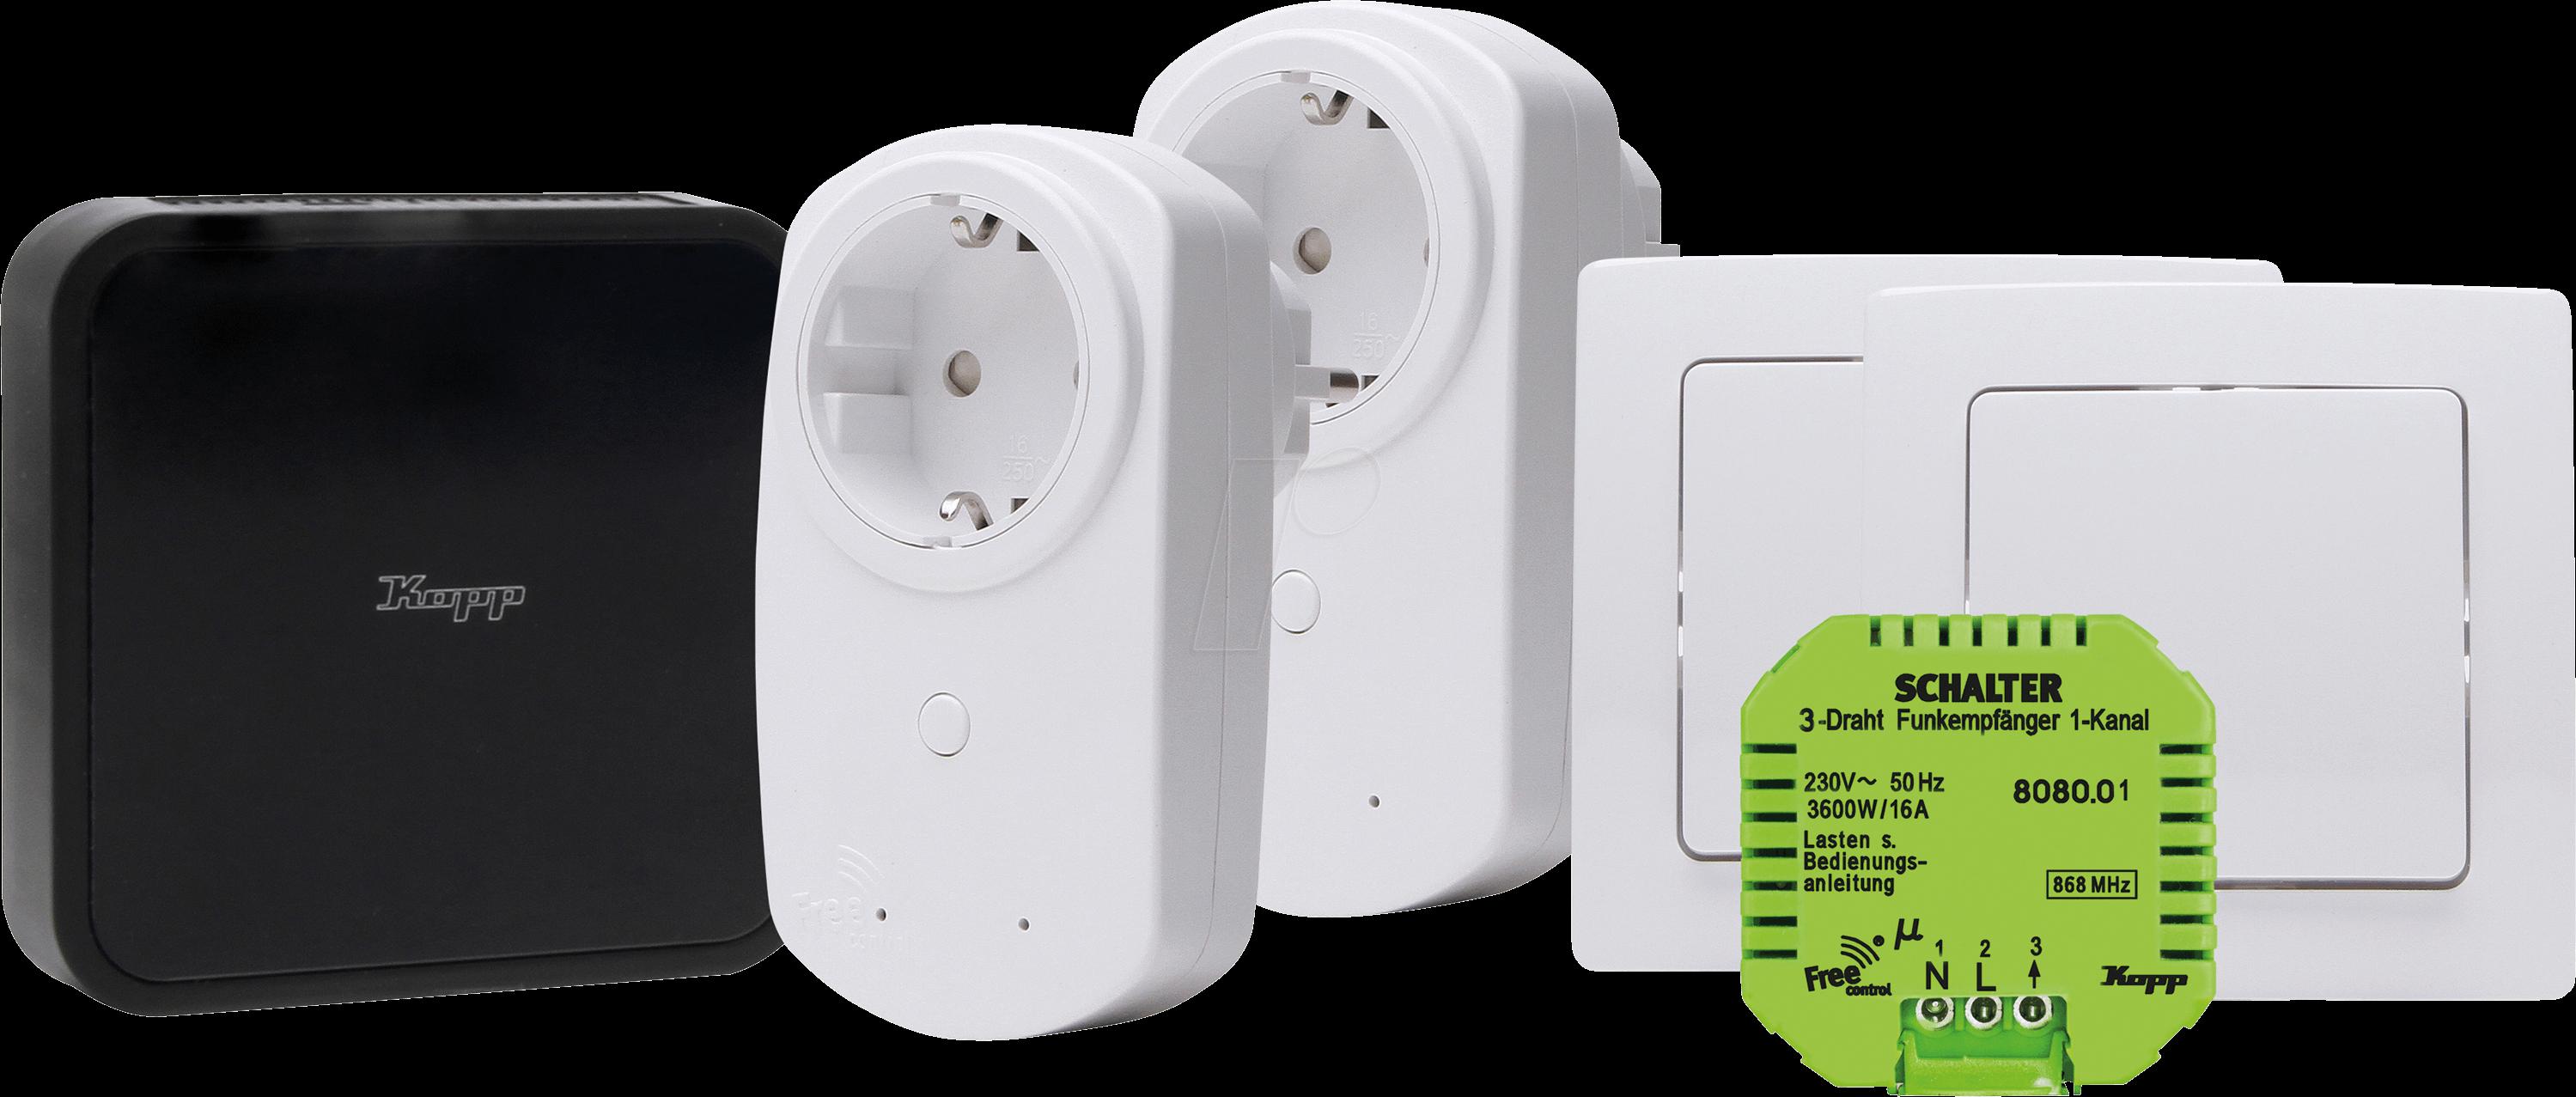 FREE-C 992000001: Starterkit Licht- und Gerätesteuerung bei reichelt ...